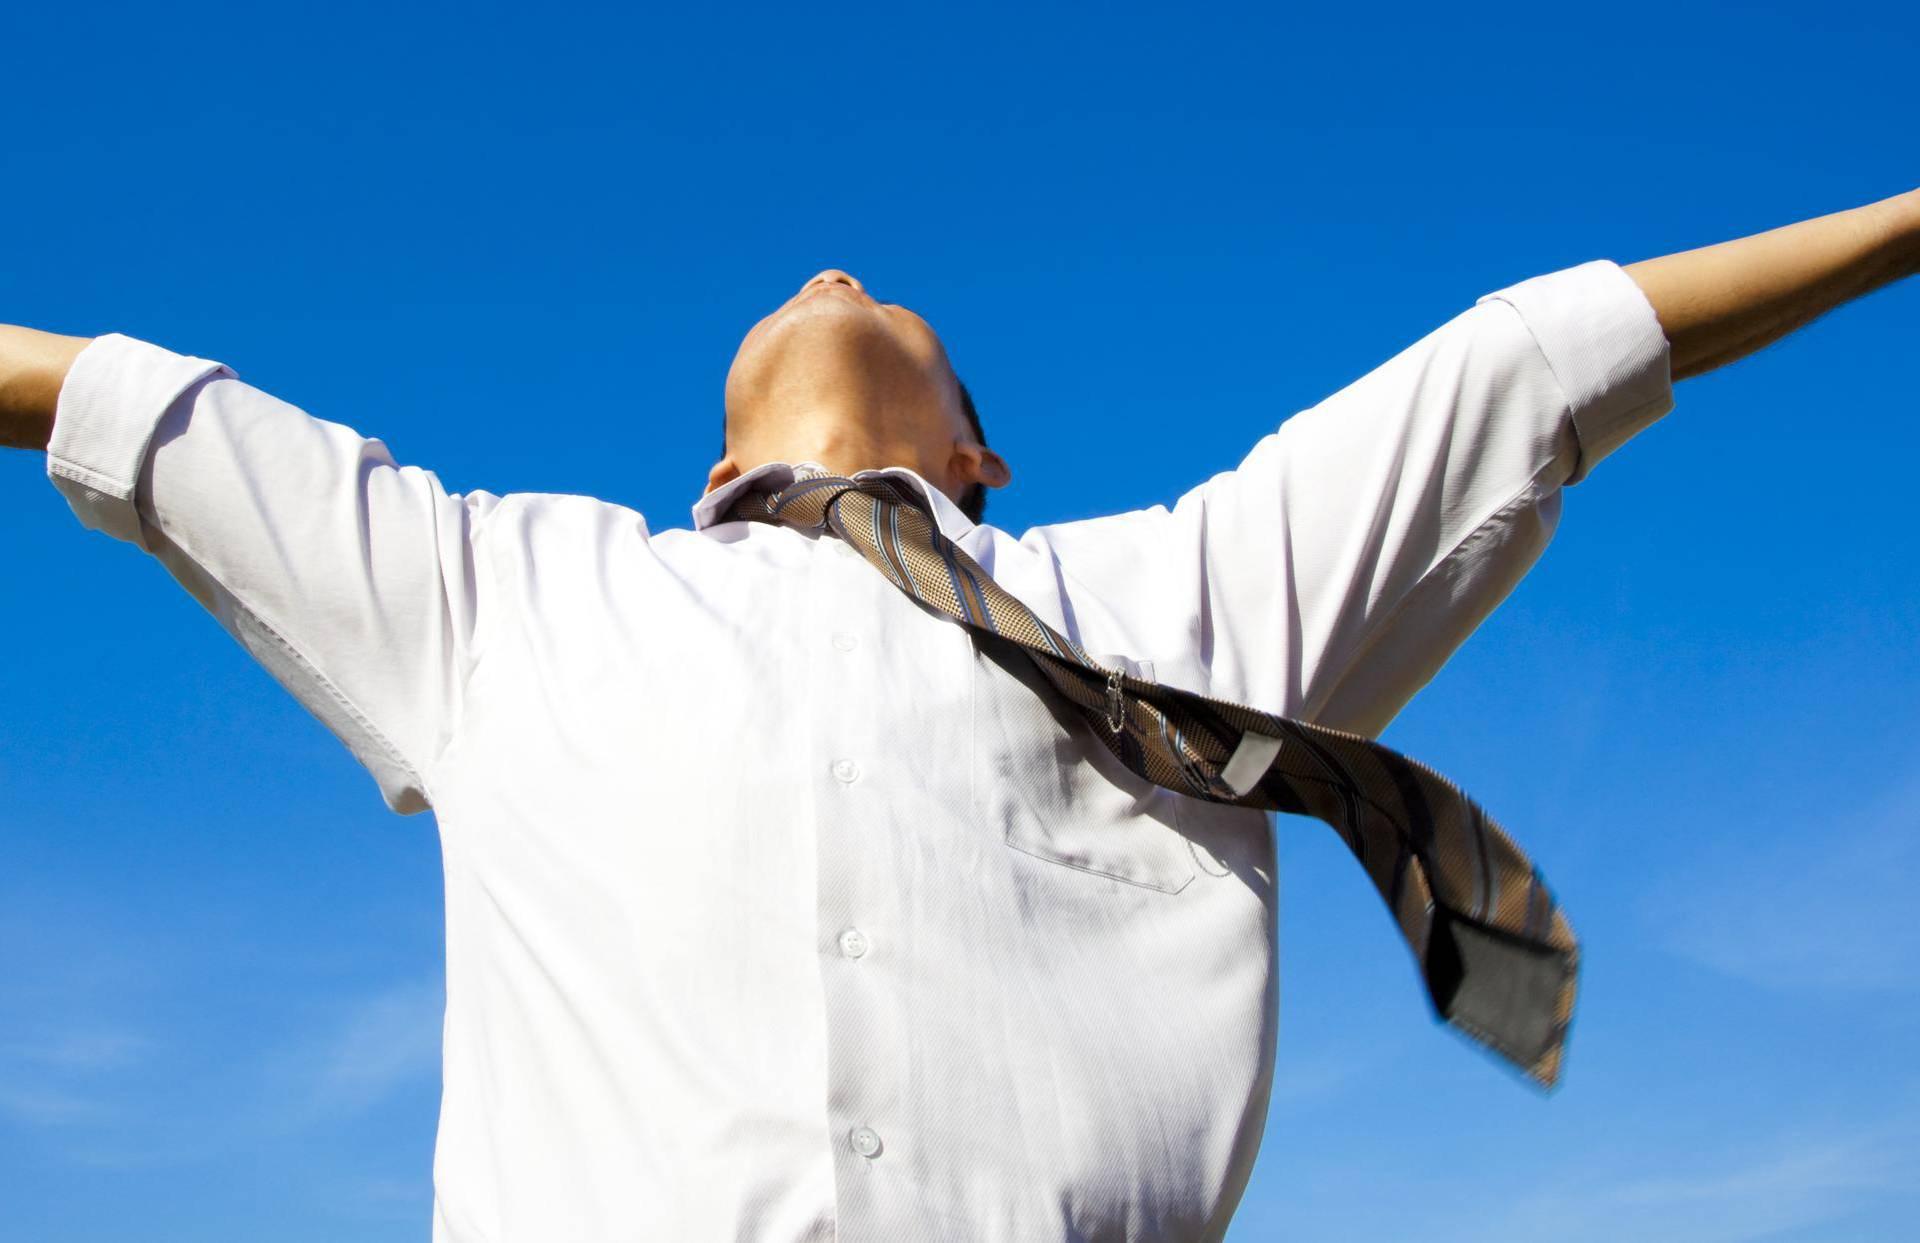 Za uspješniju karijeru naučite kako se preuzima odgovornost